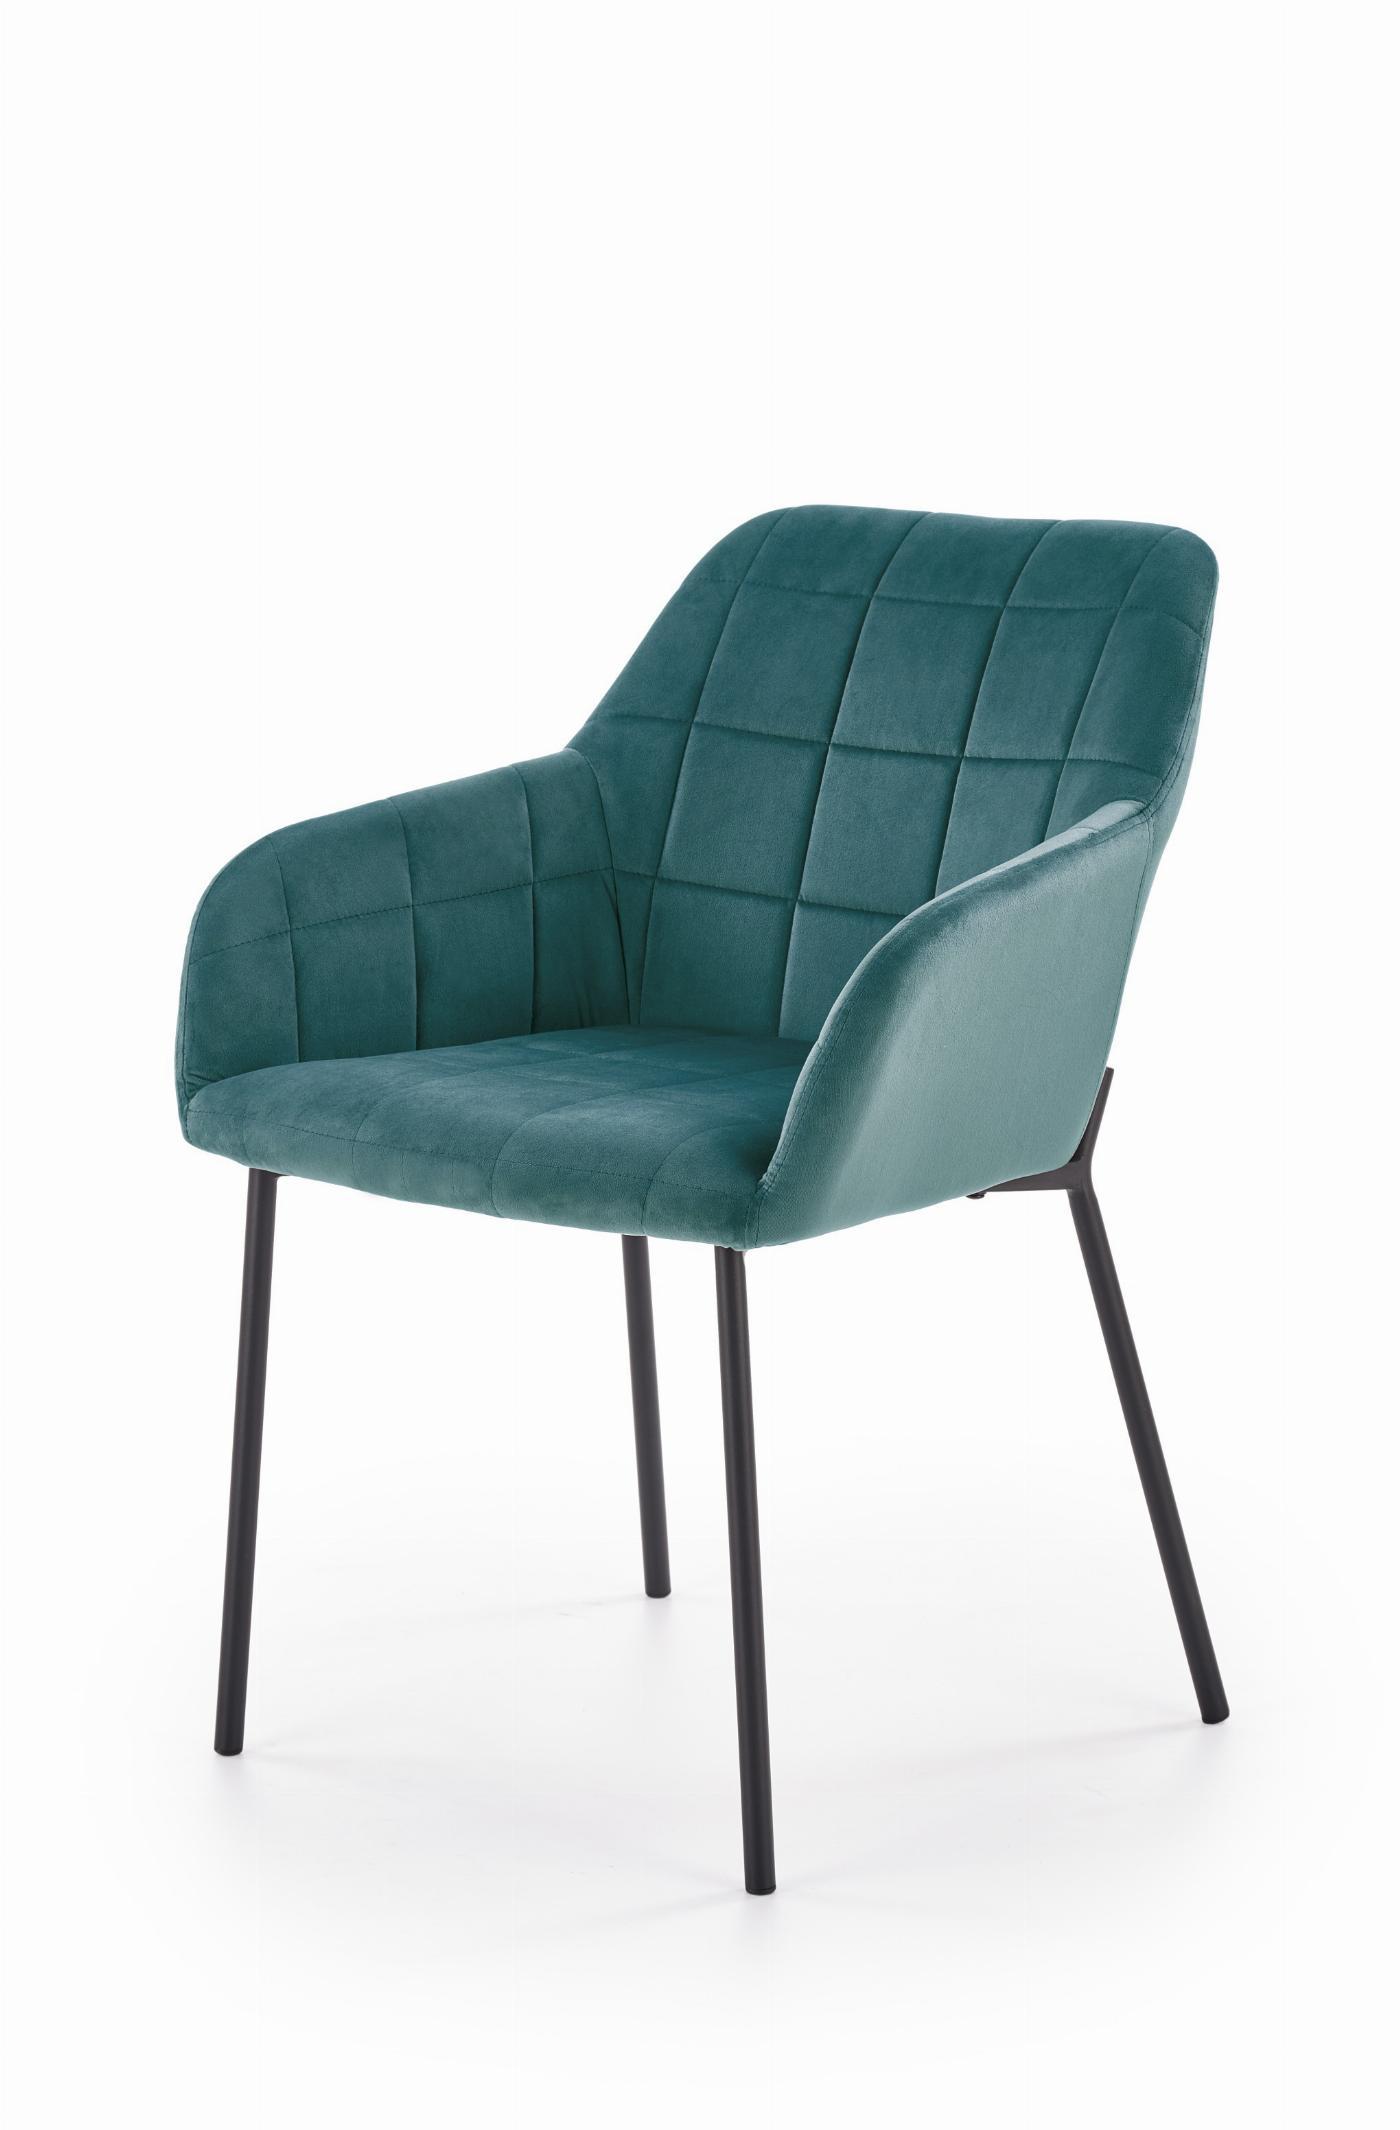 K305 krzesło czarny / ciemny zielony